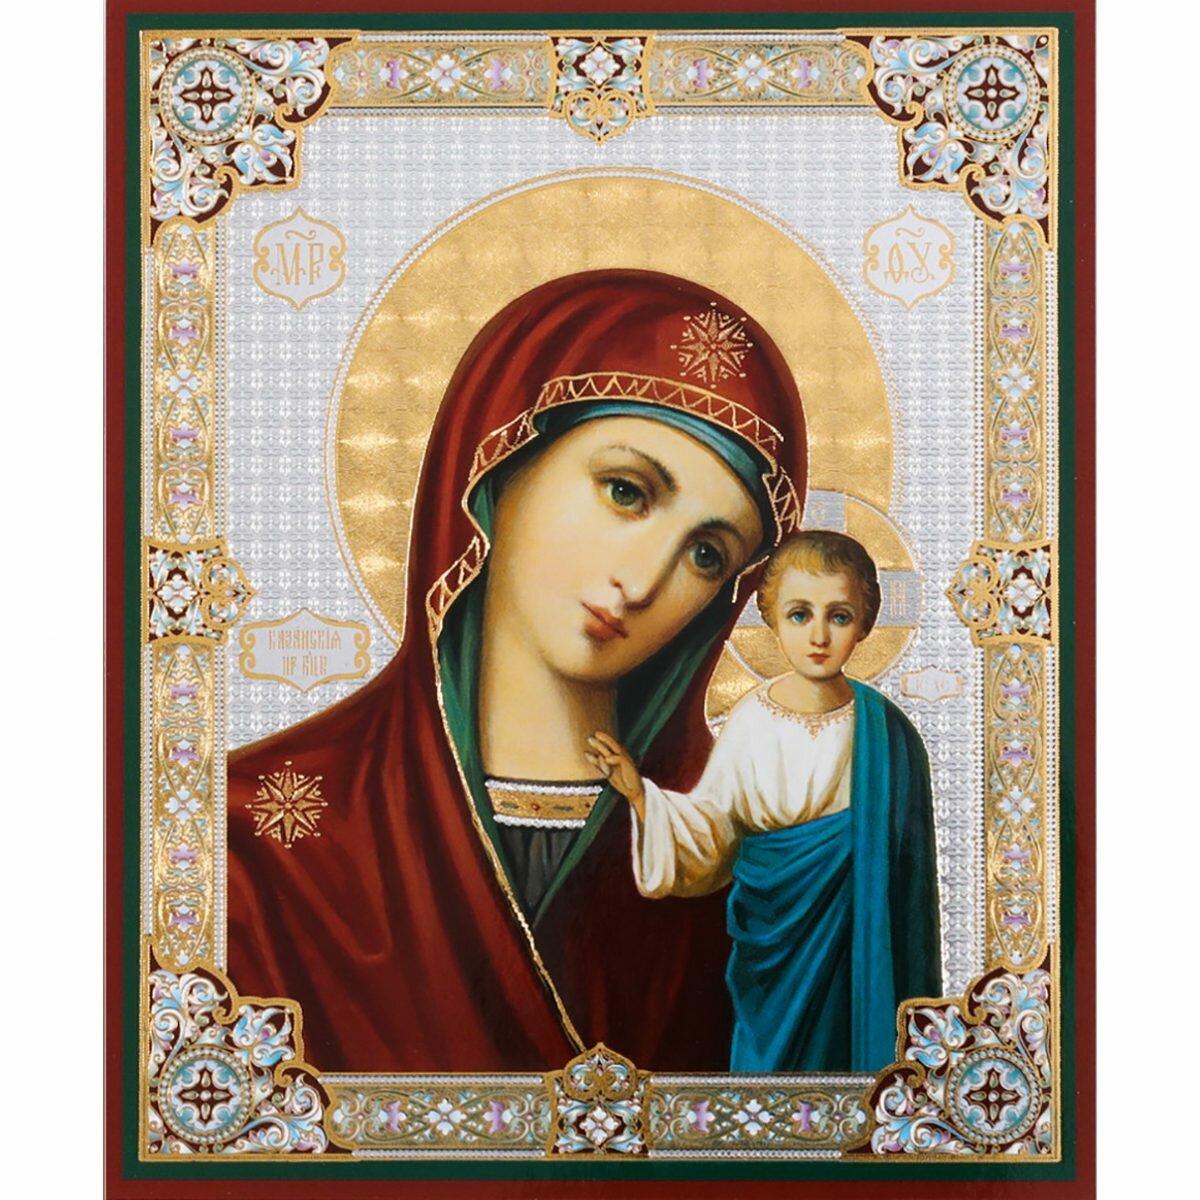 Красивые картинки иконы казанской божьей матери